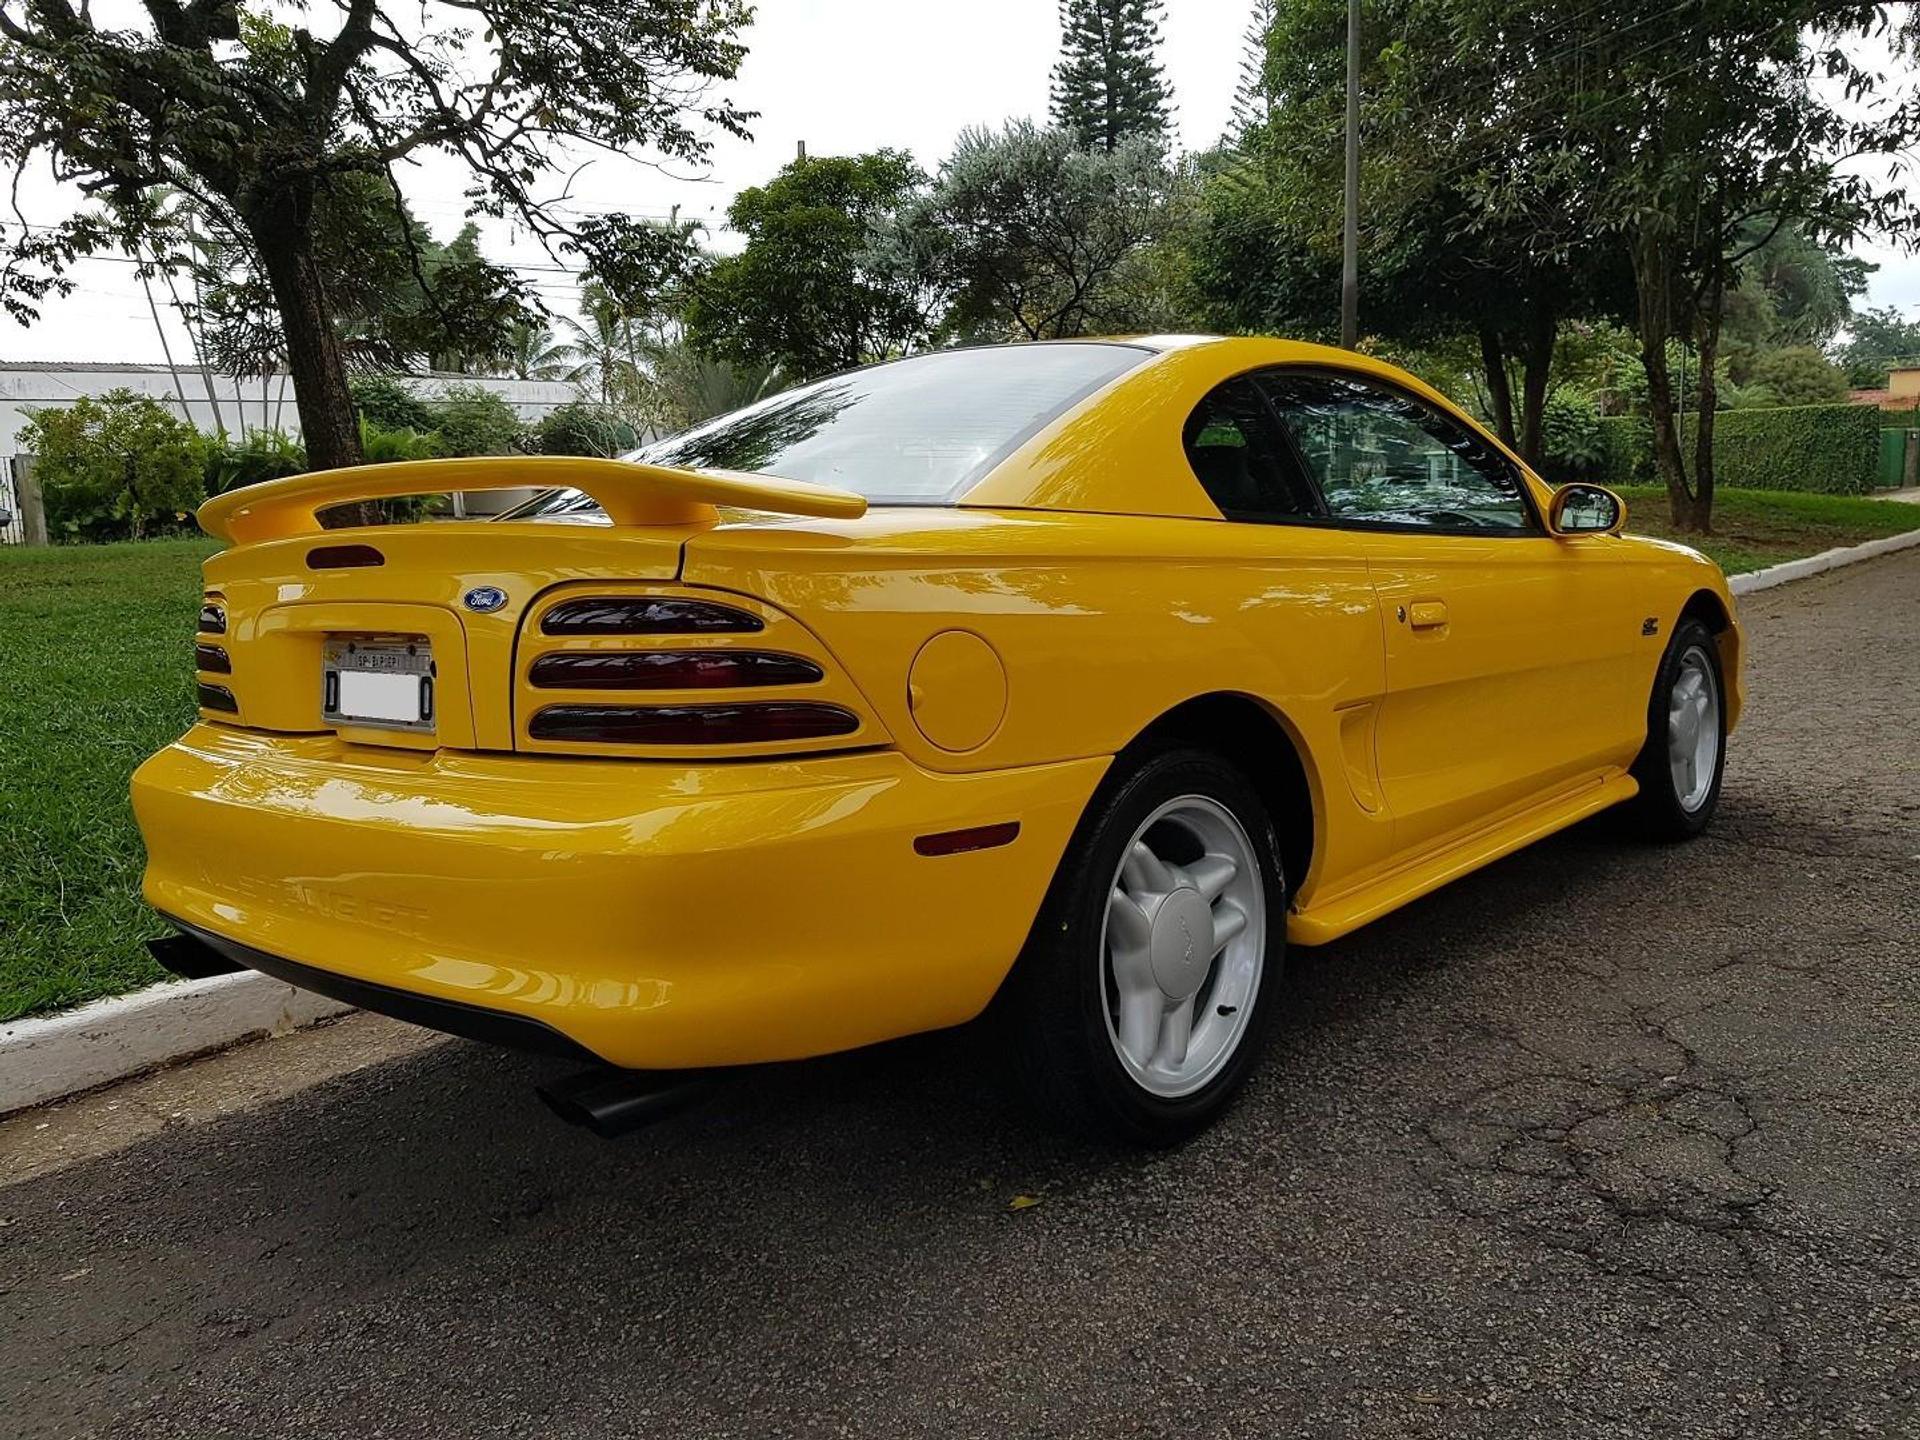 Ford Mustang 5.0 Gt Coupe amarelo visto de traseira com a lanterna em três seções horizontais e aerofólio acima da tampa do porta-malas